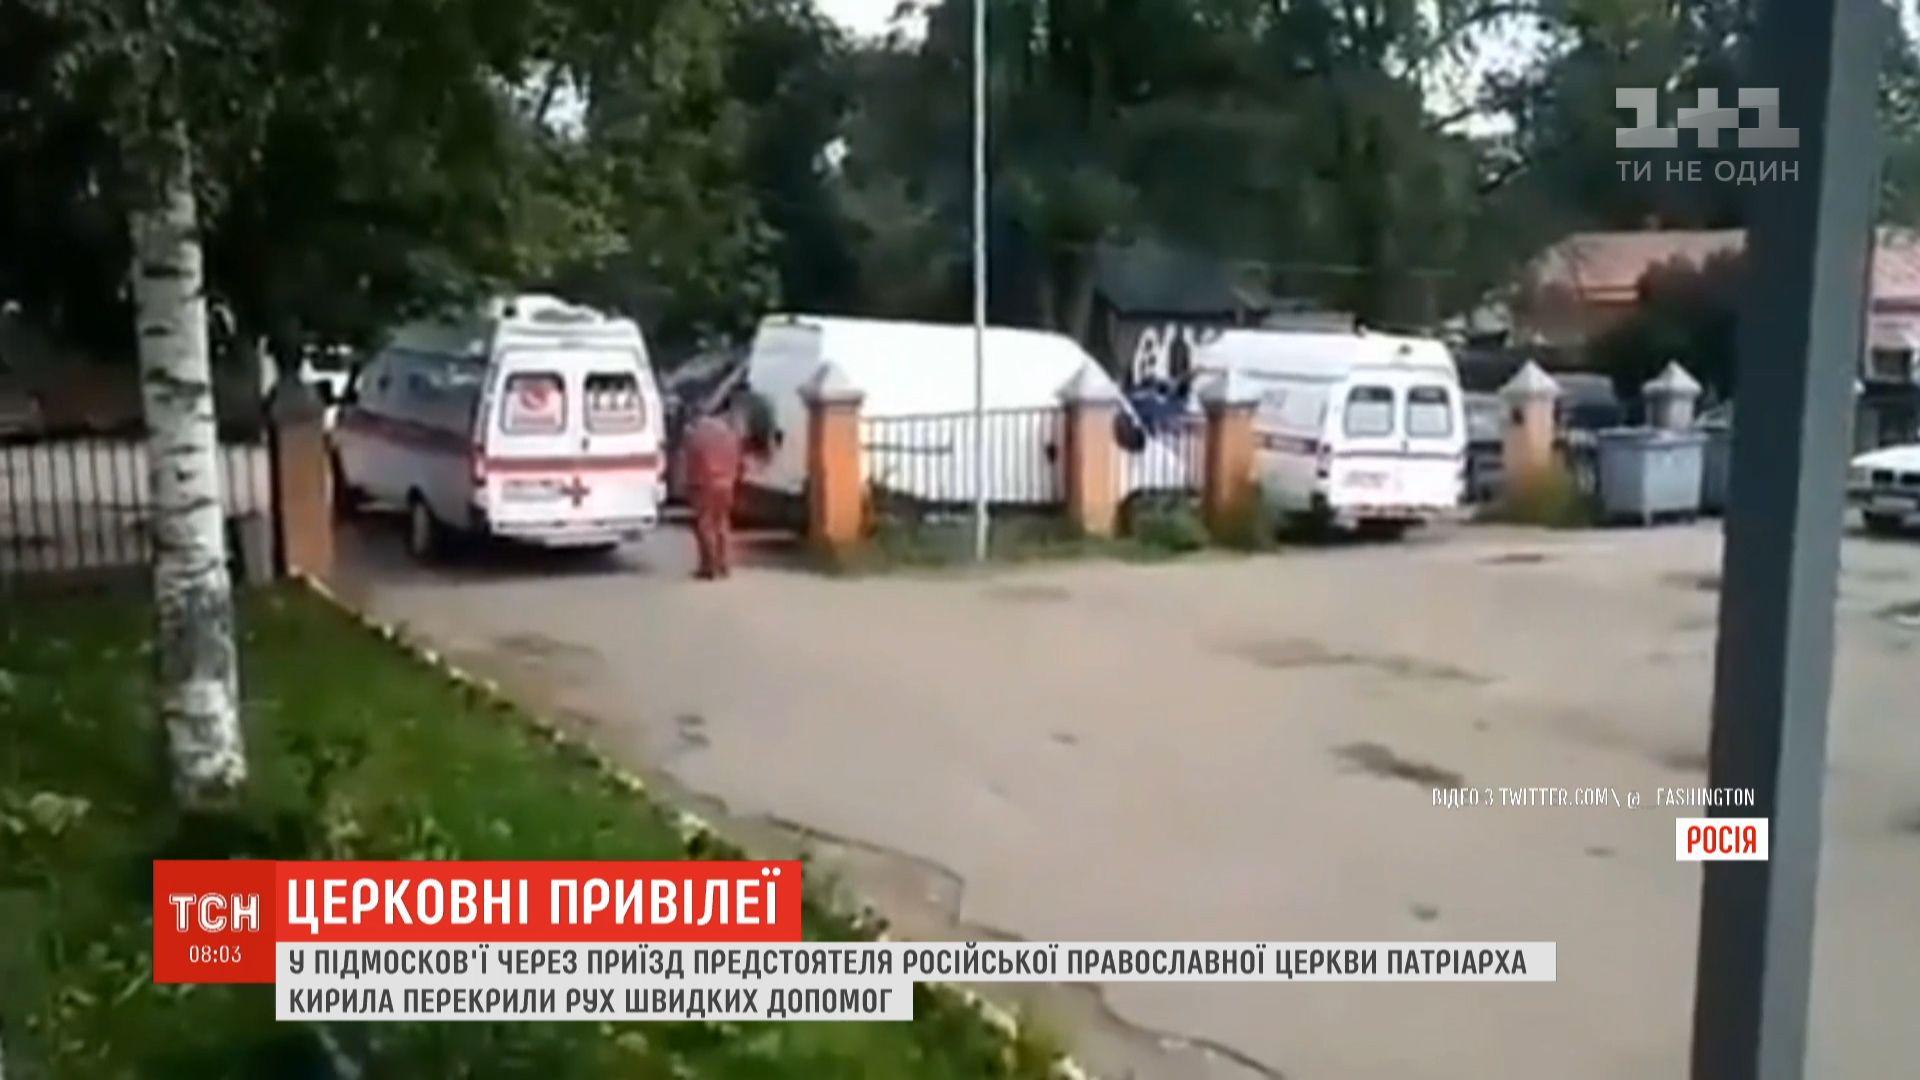 Жителей города изрядно возмутили особые мероприятия по случаю приезда главы РПЦ / скриншот